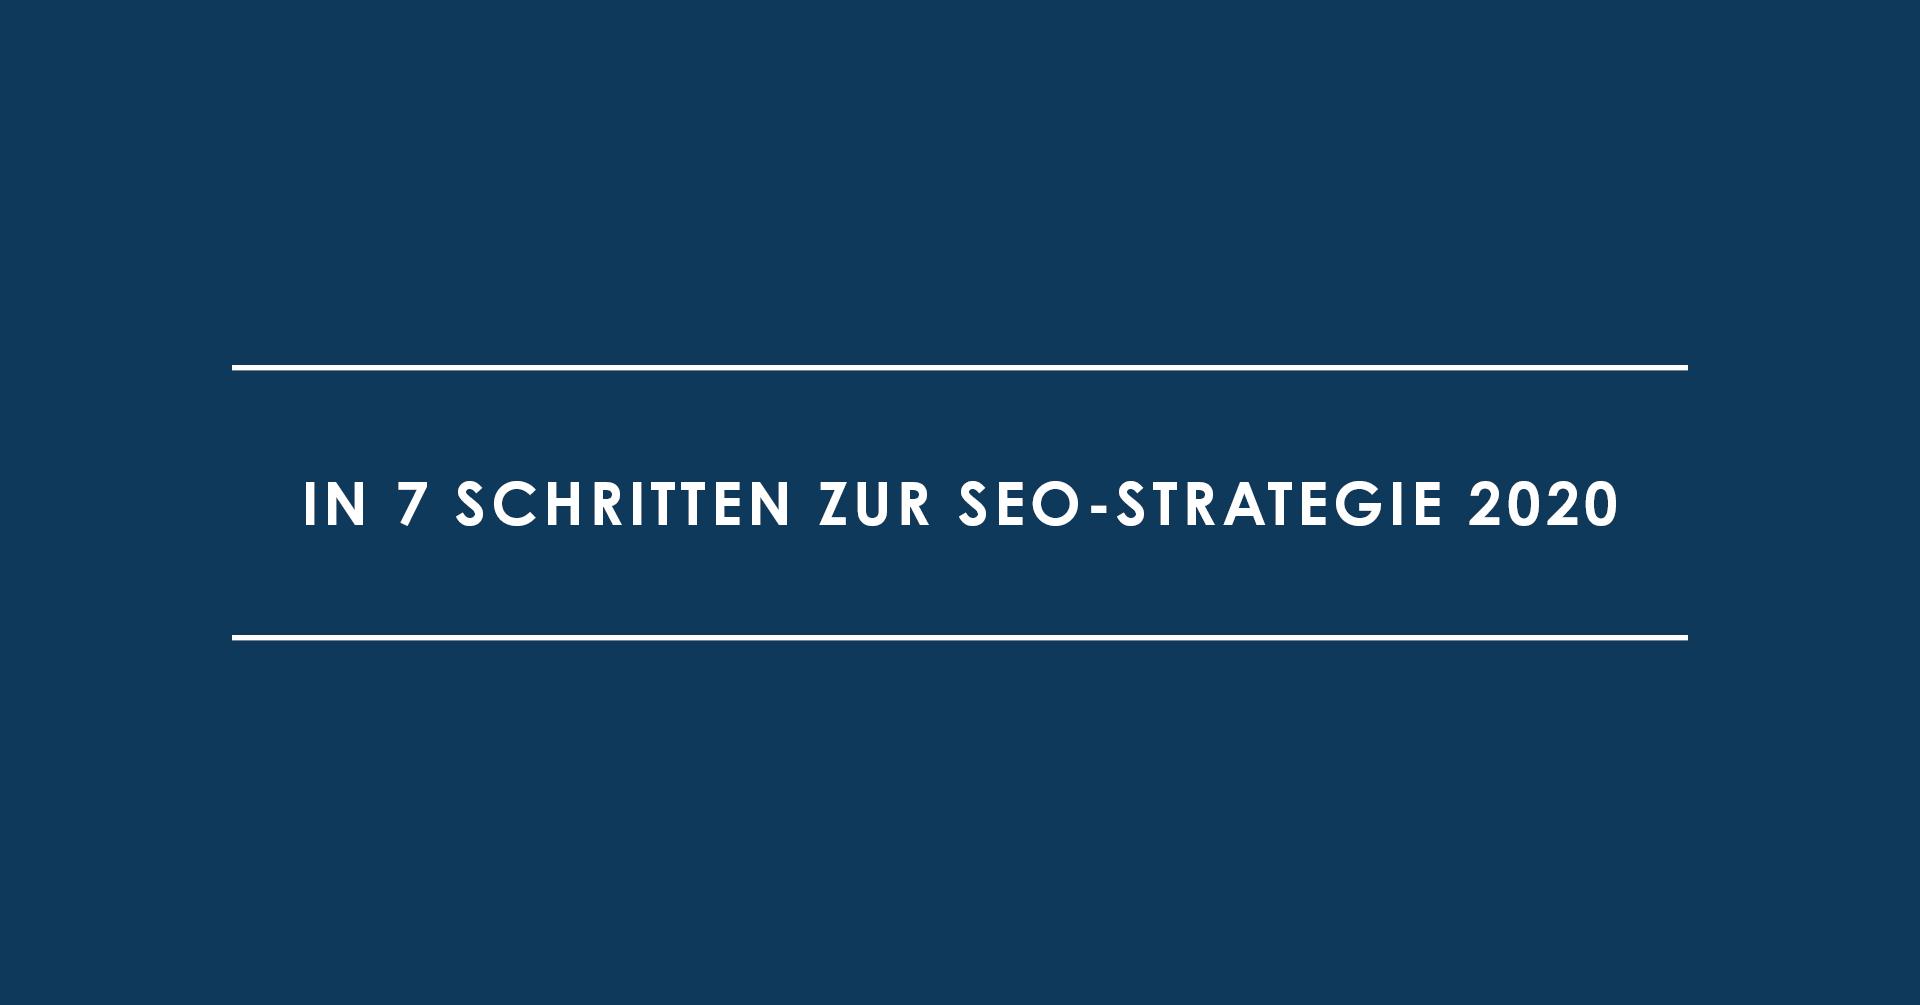 In 7 Schritten zur SEO-Strategie 2020